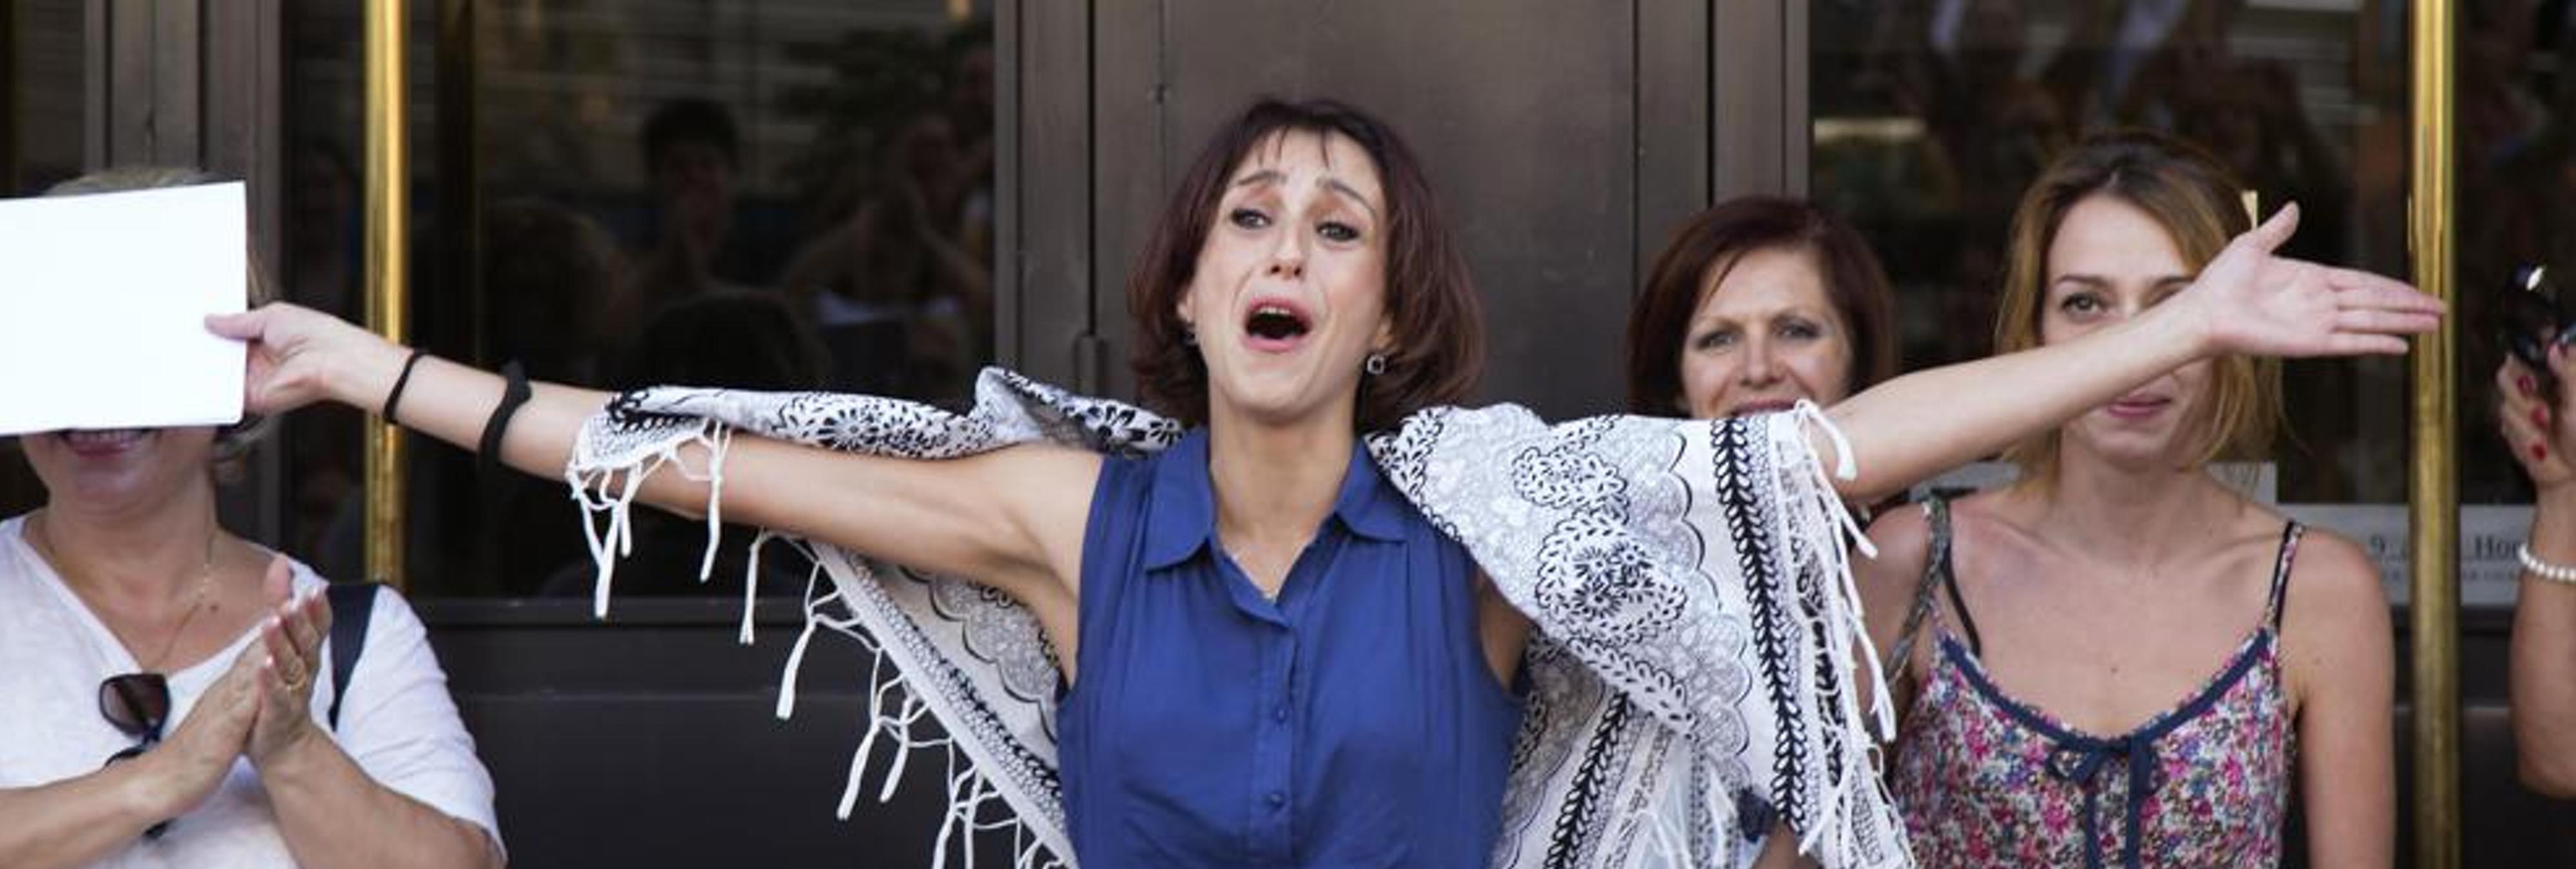 La Fiscalía pide cinco años de cárcel para Juana Rivas, acusada de sustraer a sus hijos